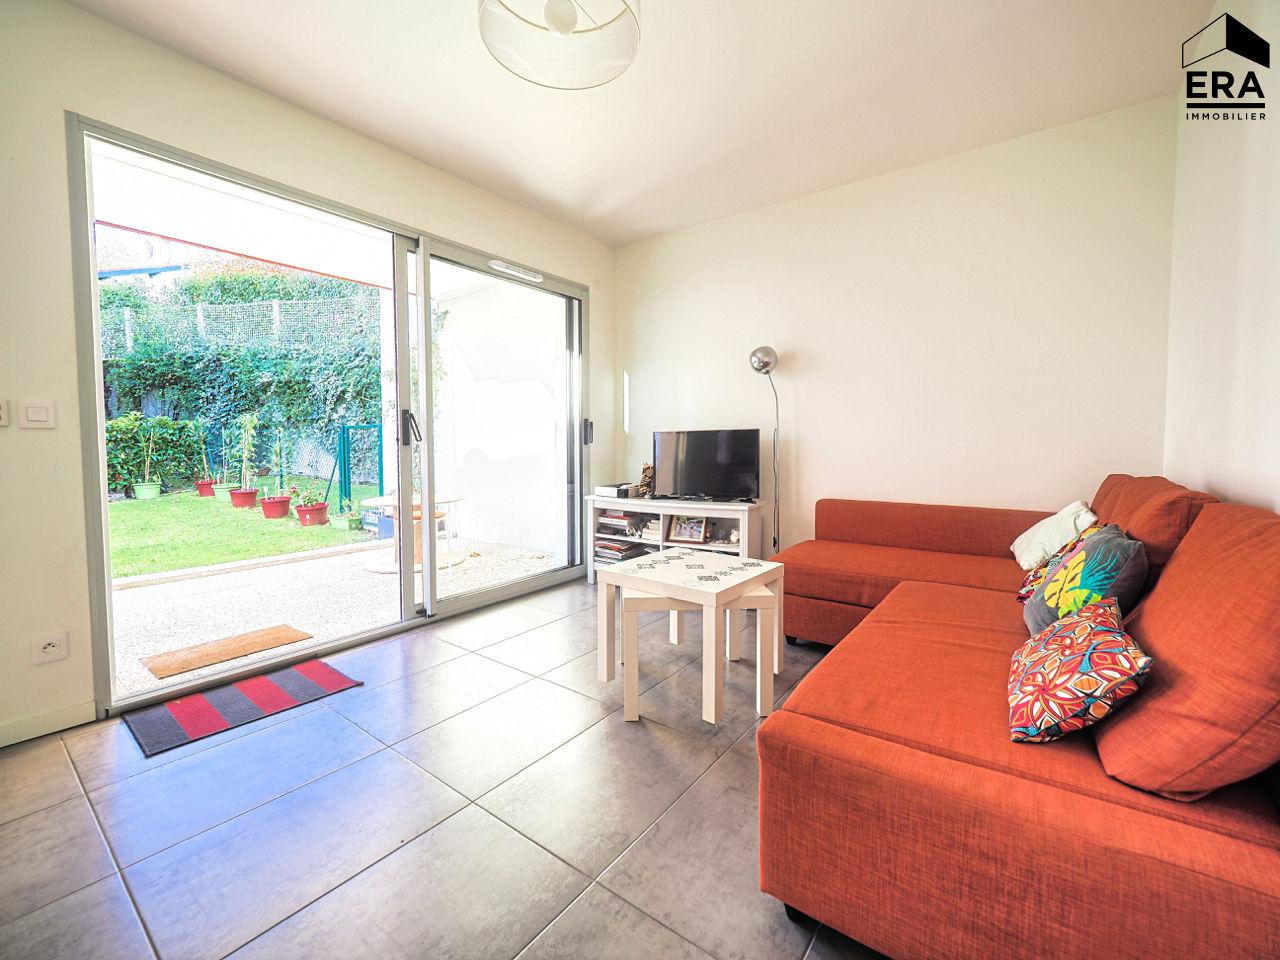 vente appartement à URRUGNE - 266 000